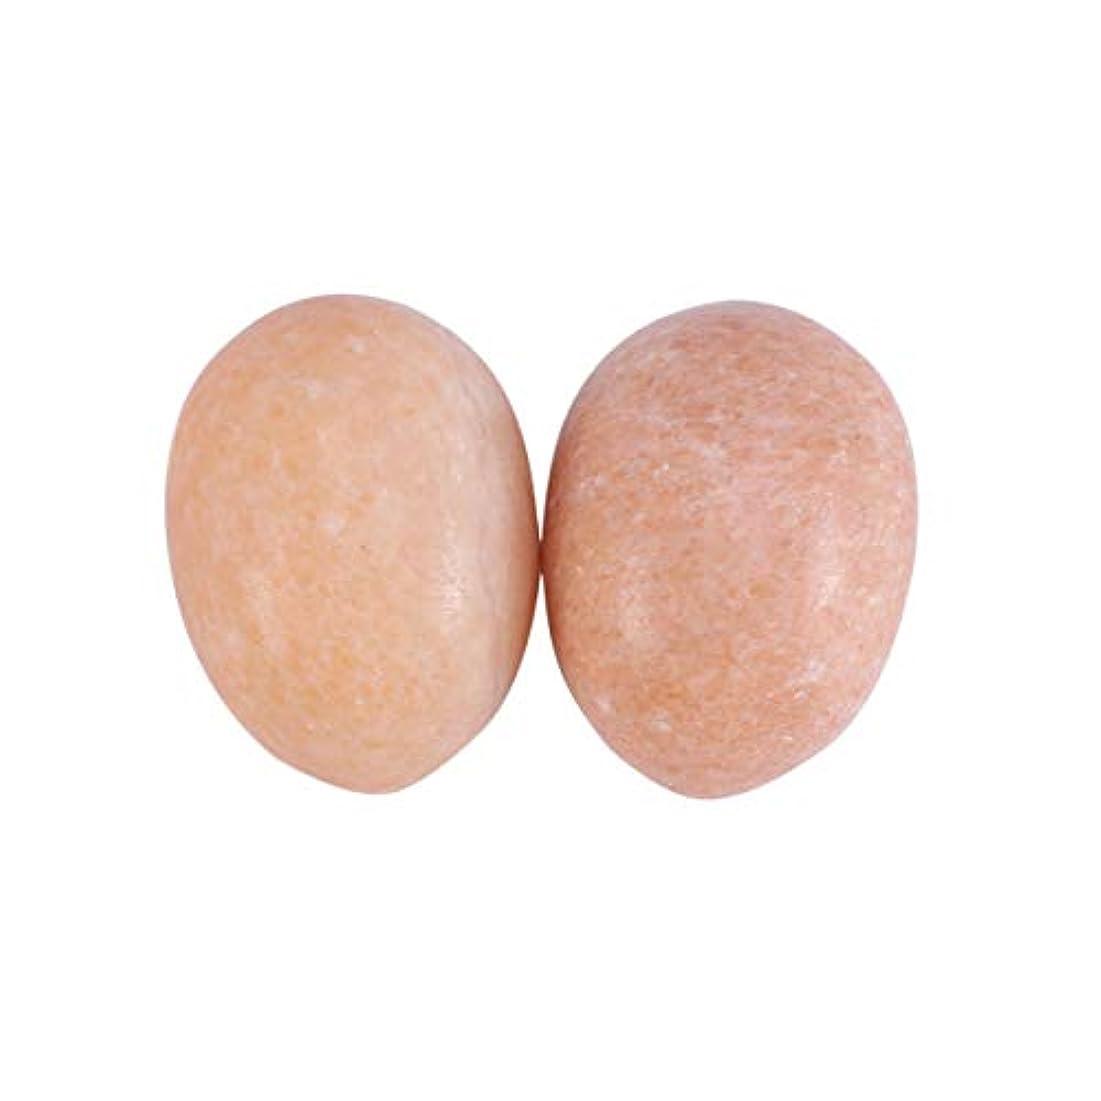 例外蒸気灰Healifty 6PCS玉ヨニ卵マッサージ癒しの石のケゲル運動骨盤底筋運動(日没赤)